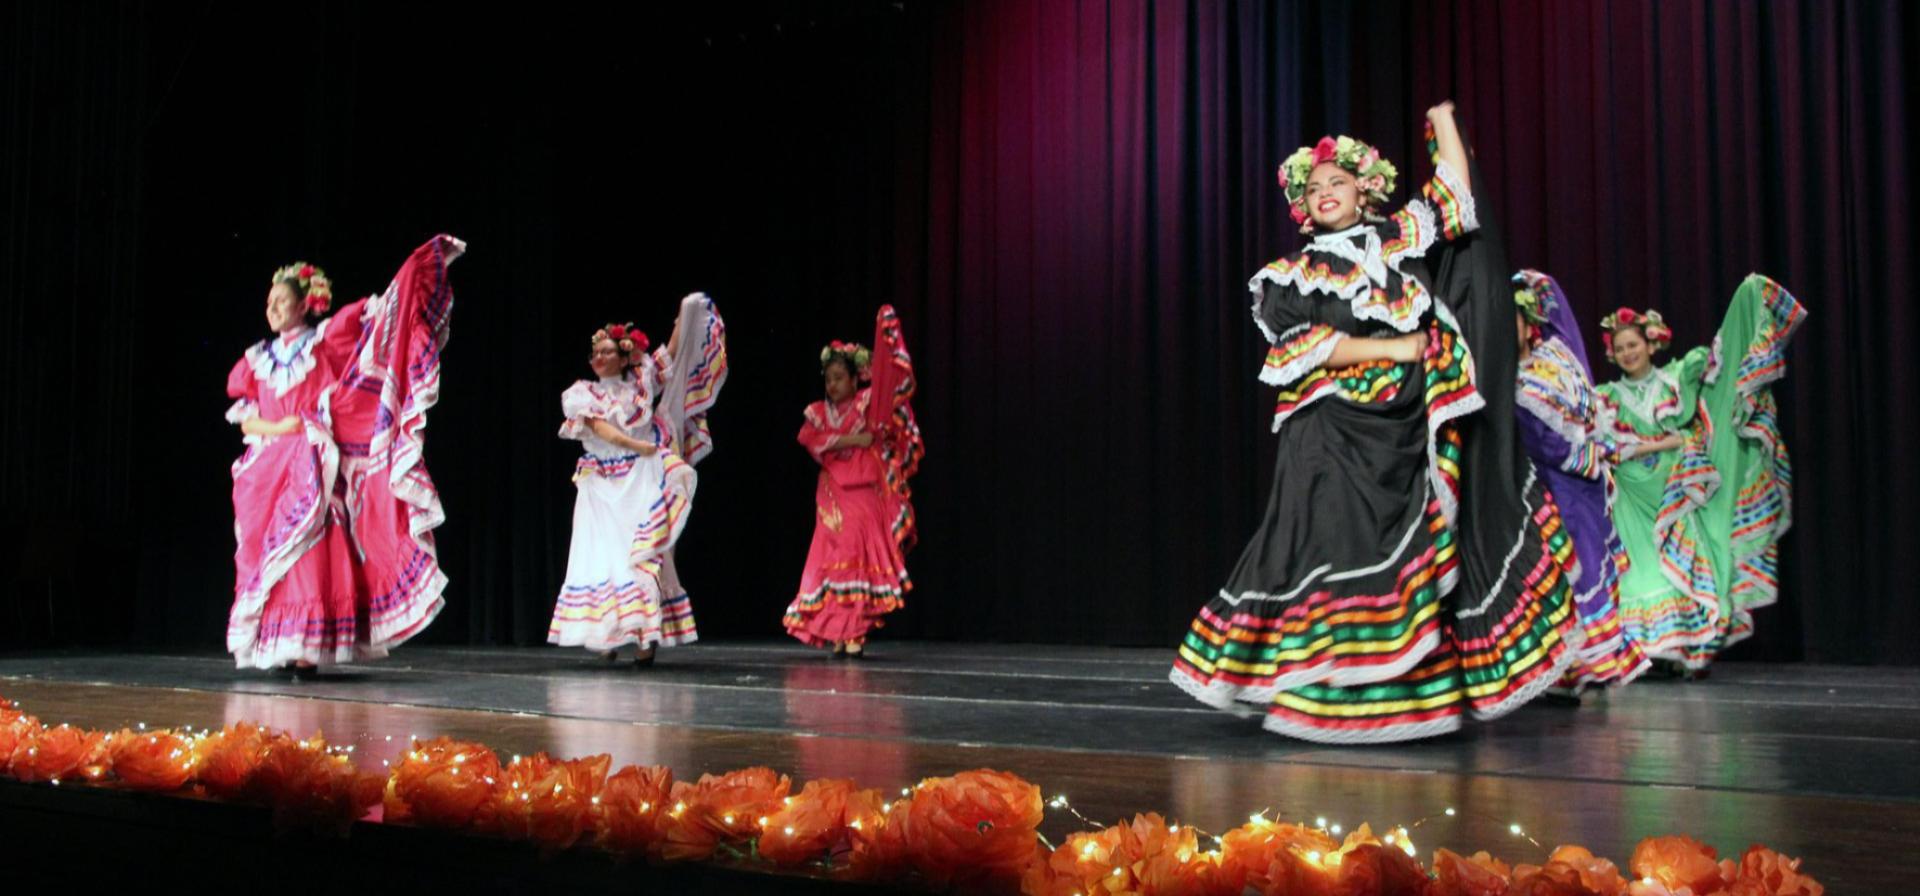 Image of Orgullo Mexicano Dancers